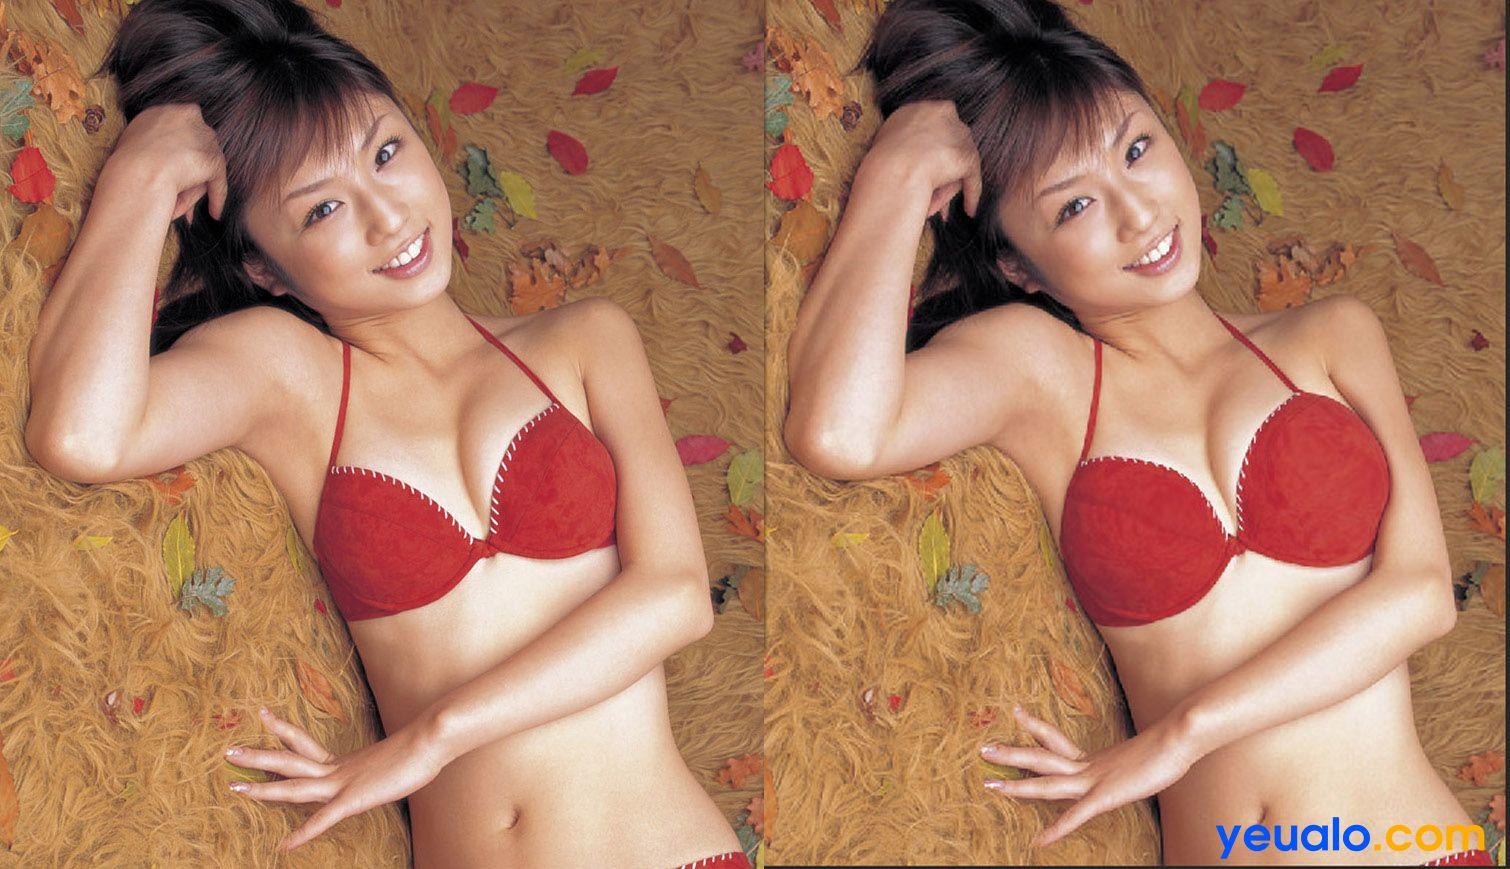 Cách tăng kích thước ngực bằng Photoshop 7